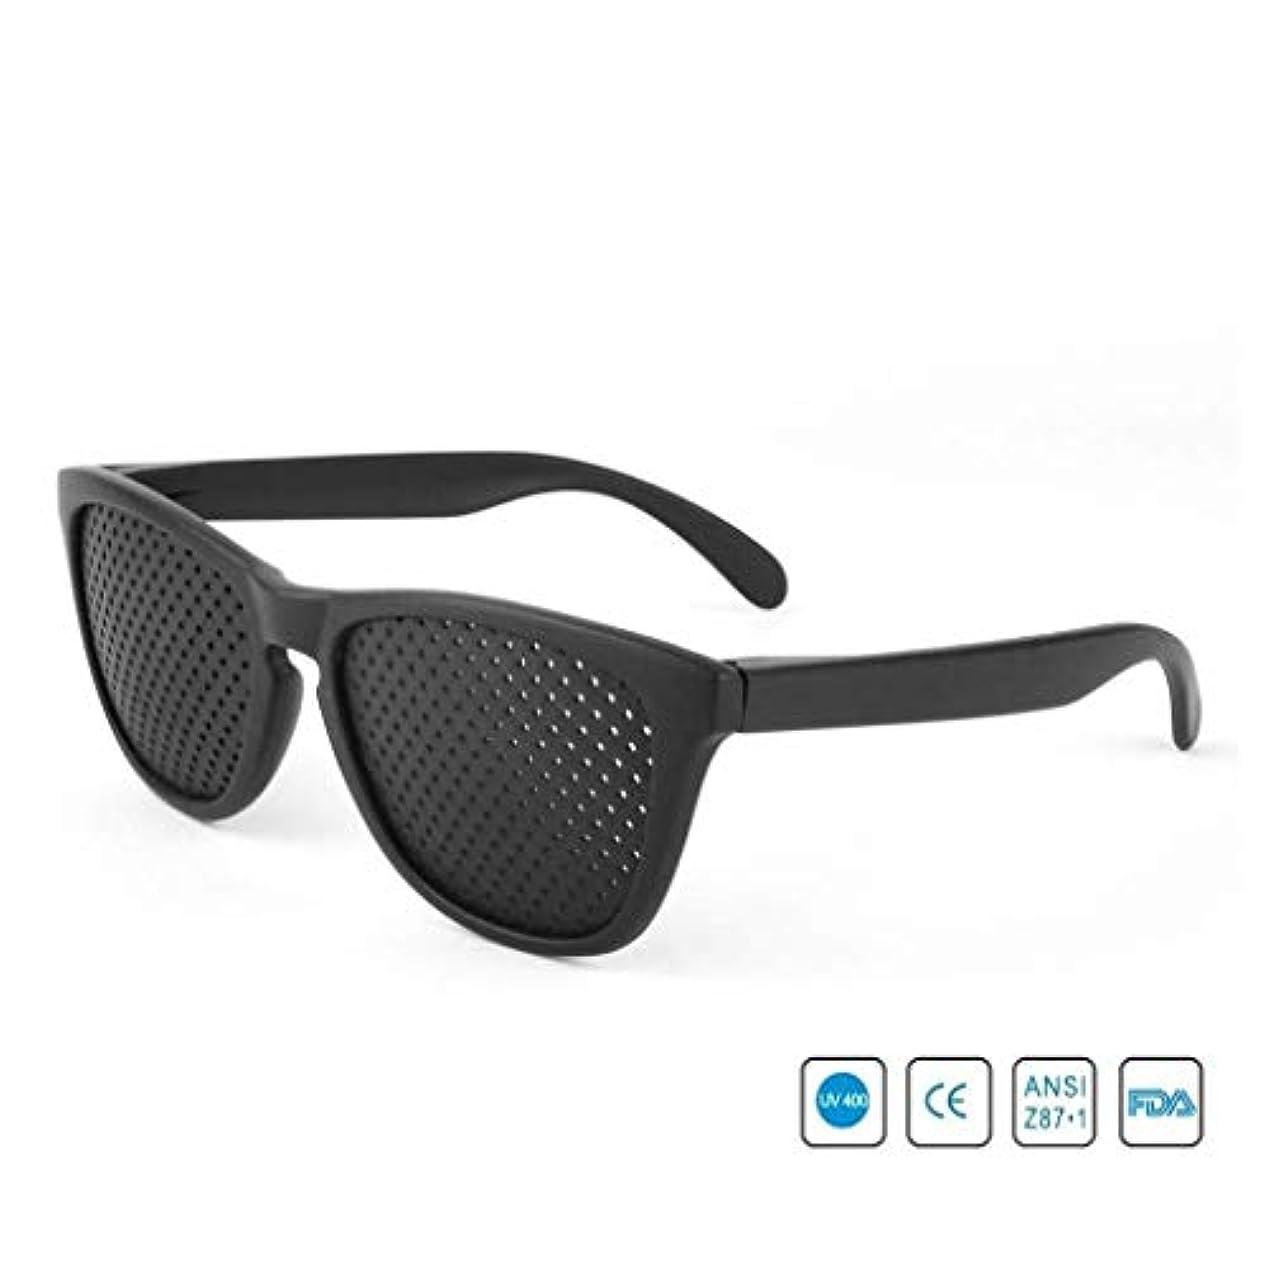 ソブリケットタンカーポーンピンホールメガネ、アイズエクササイズアイサイトビジョンメガネの改善ビジョンケアメガネ近視の防止メガネの改善